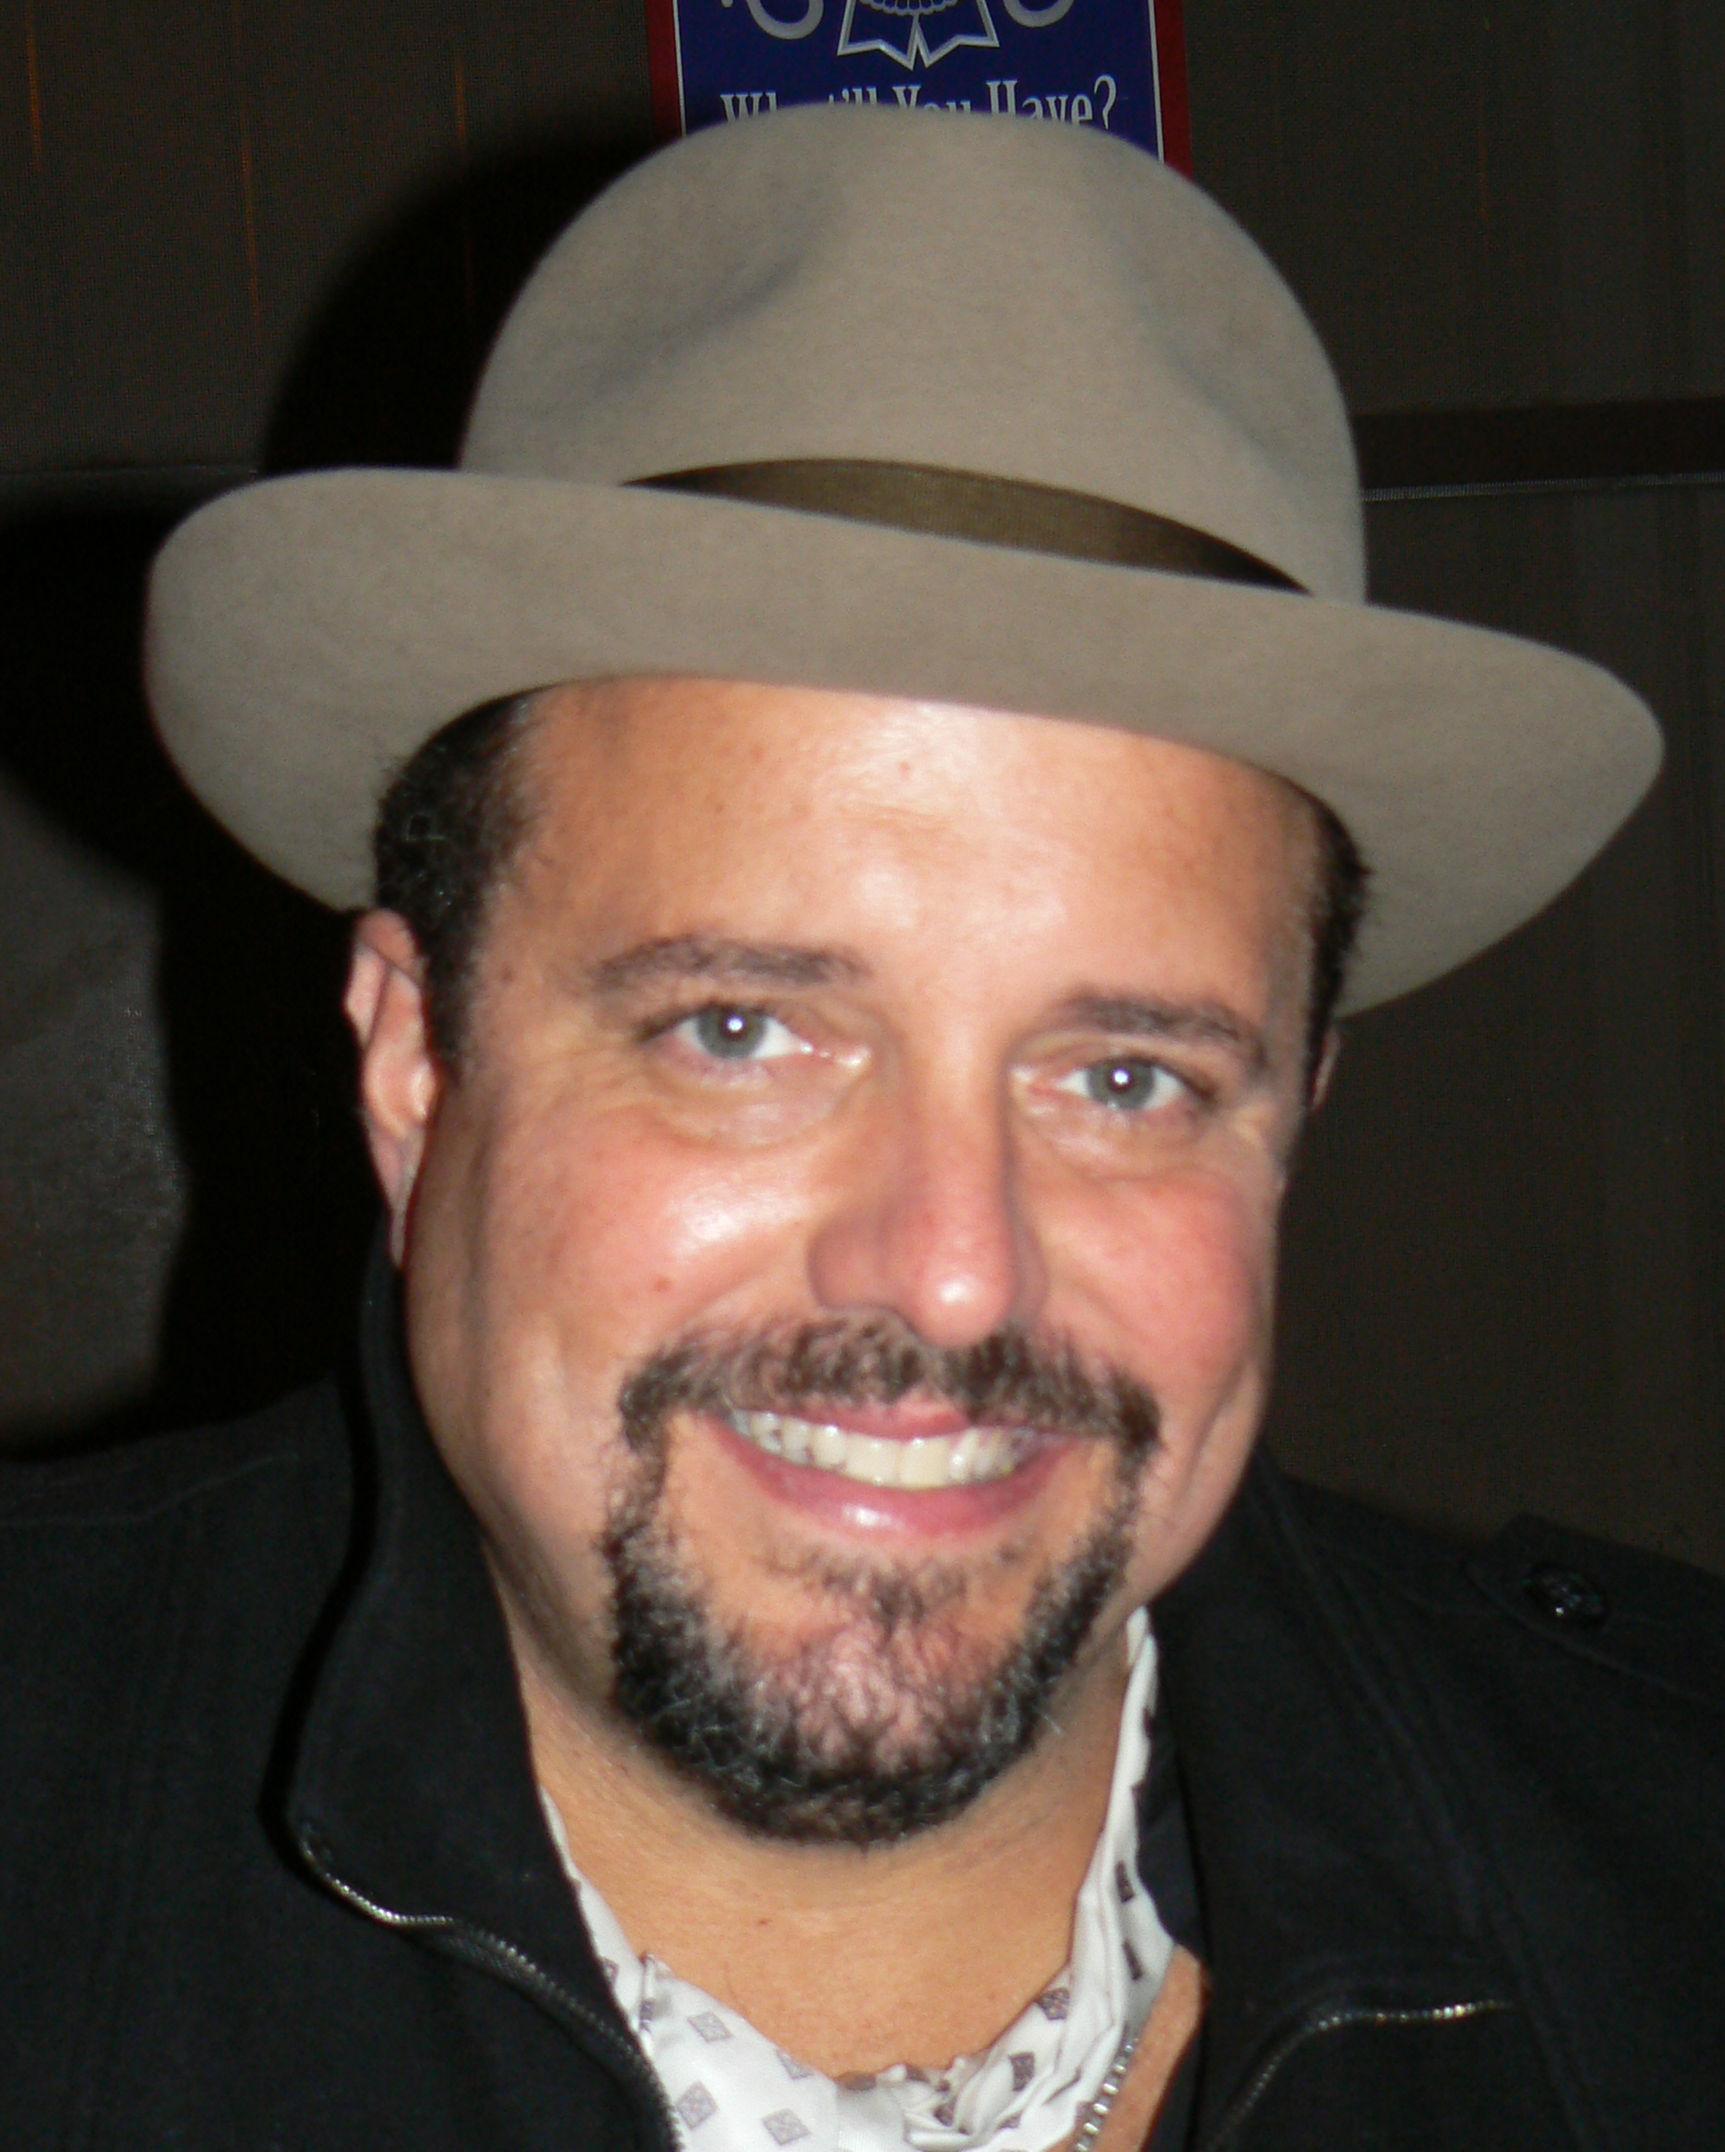 Raul Malo in 2011; photo K8 fan (talk) Chris Williams.